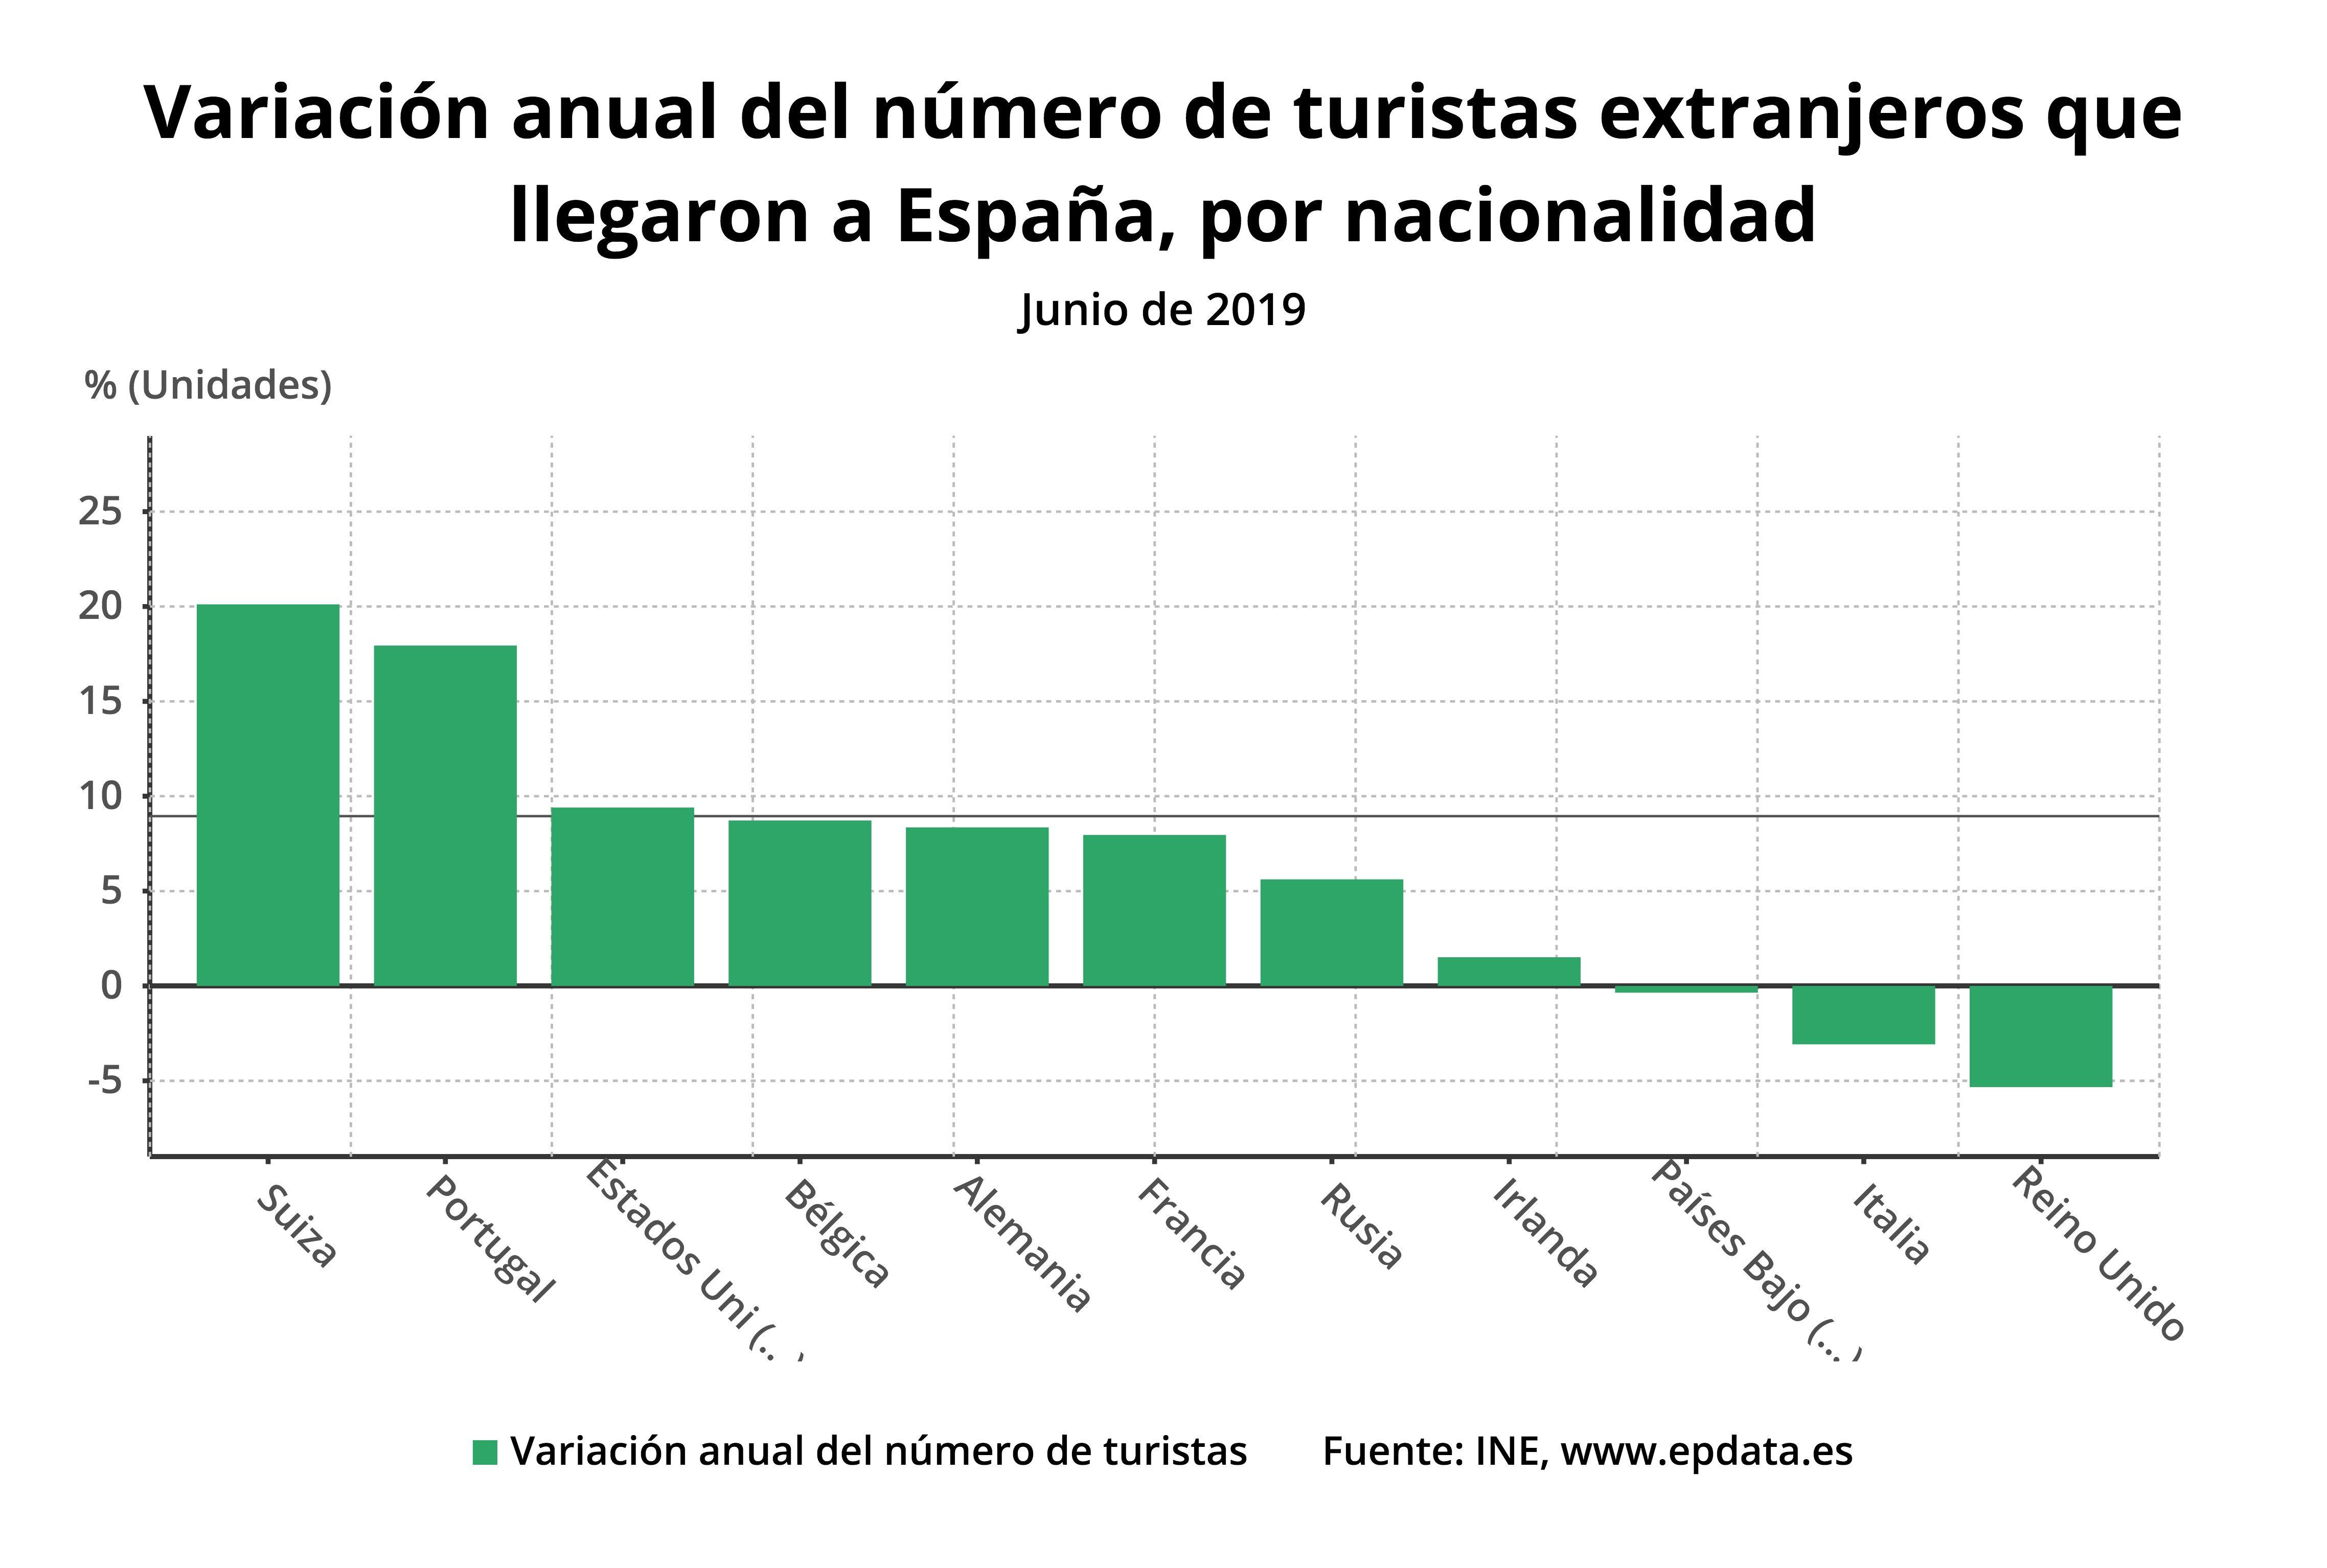 variacion_anual_del_numer